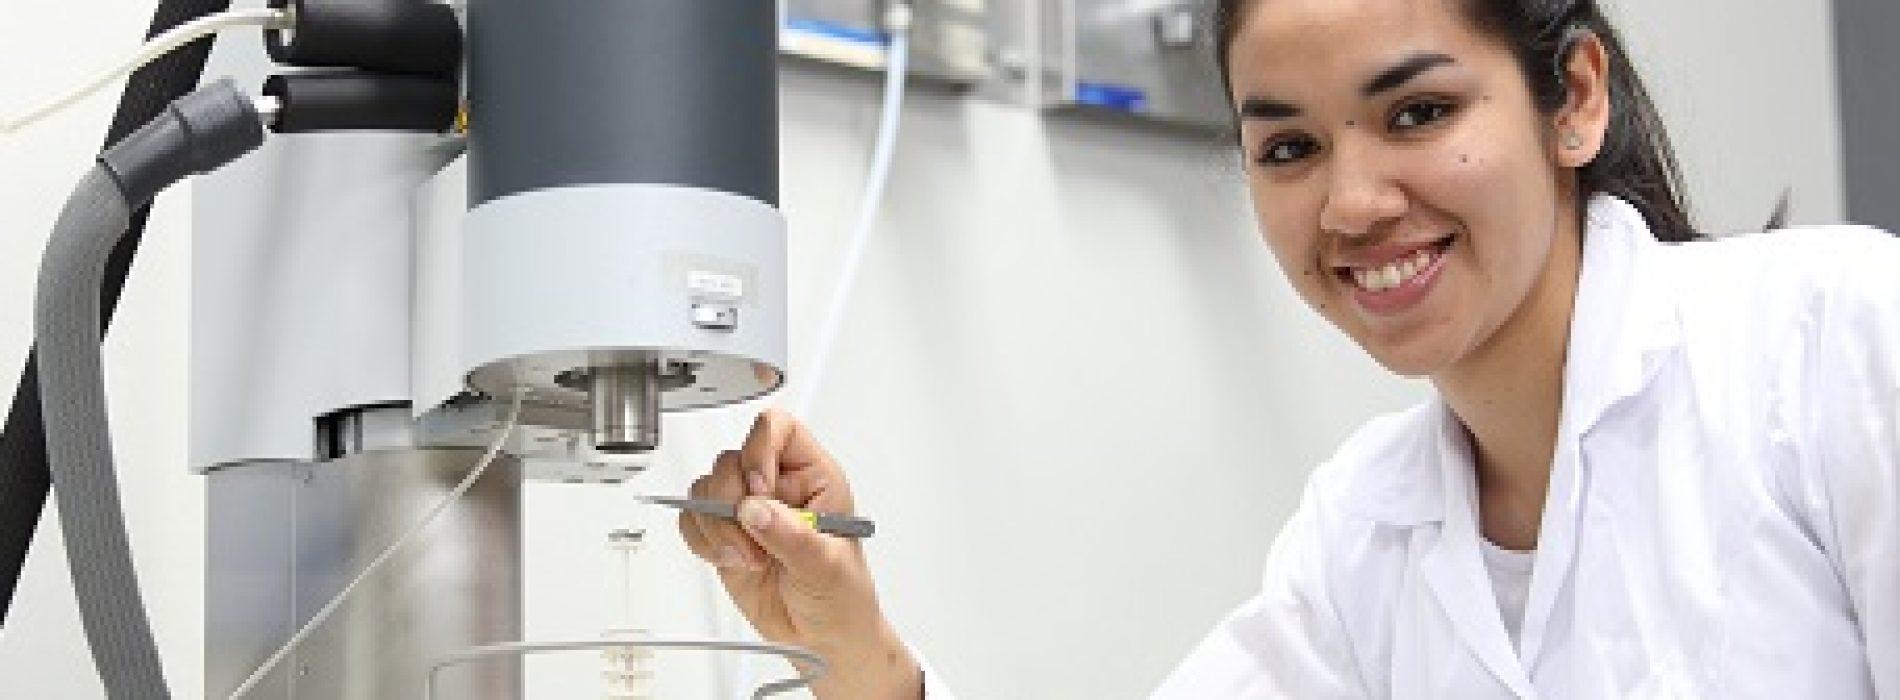 Concurso para Estudios sobre las Mujeres Peruanas en Ciencia